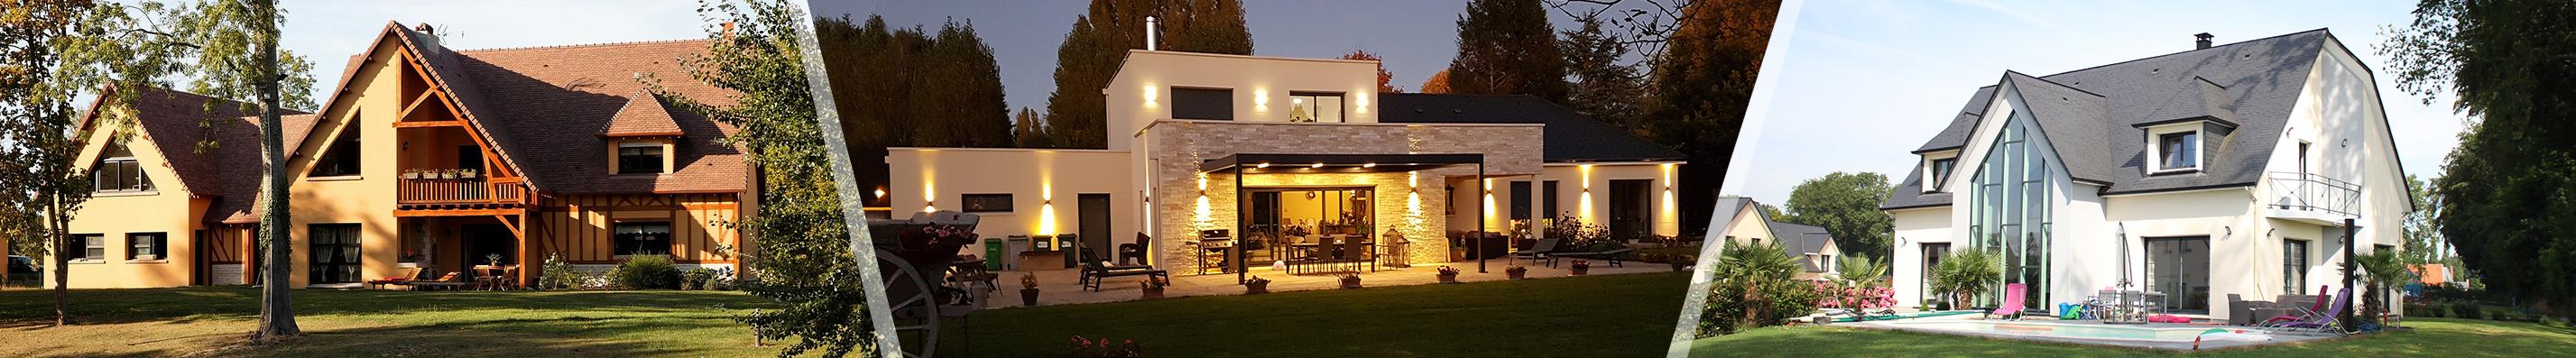 constructeur de maisons individuelles maisons extraco. Black Bedroom Furniture Sets. Home Design Ideas